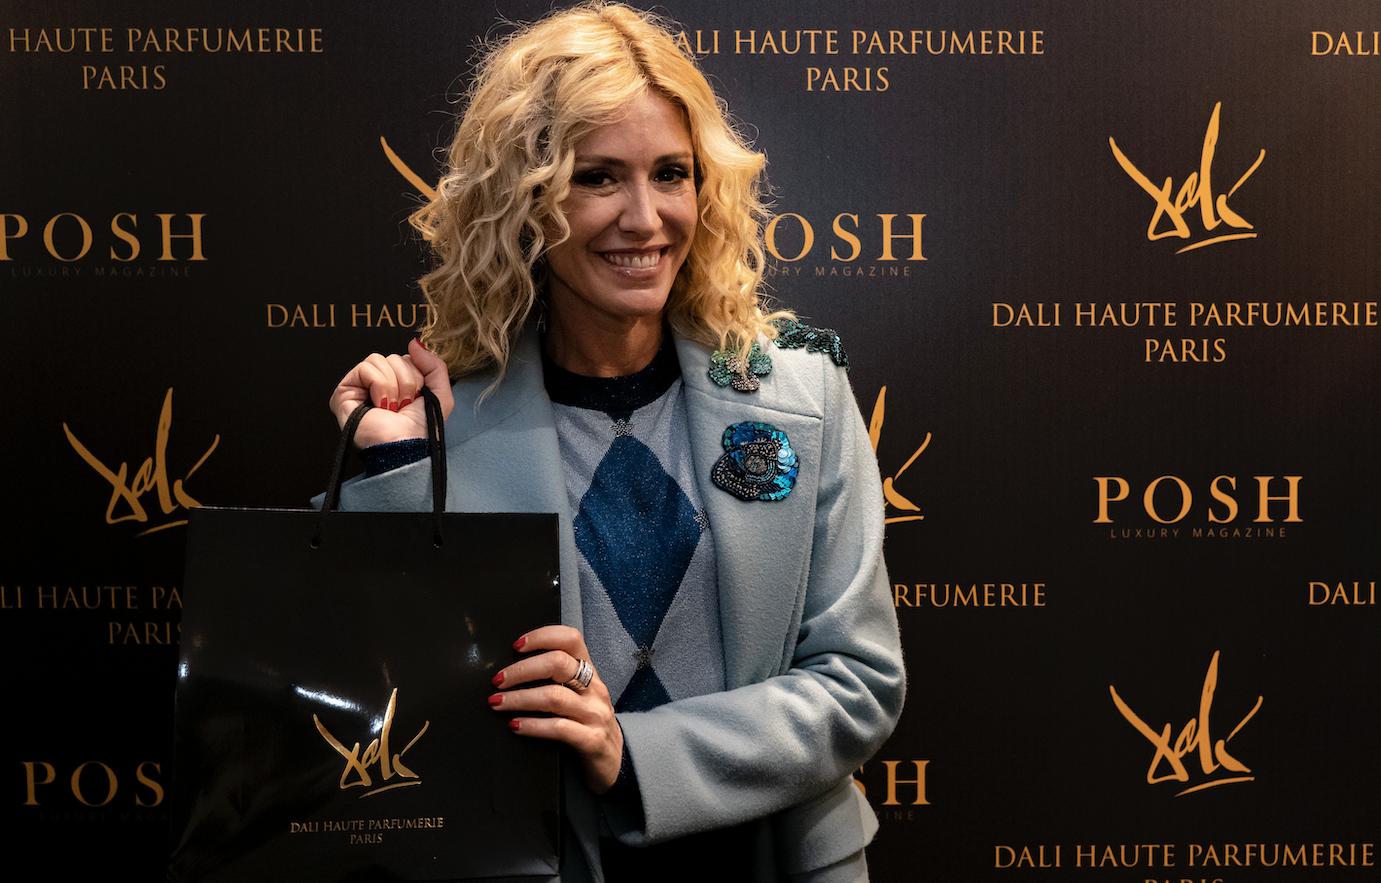 Dalì Haute Parfumerie - POSH magzine - Evento 24 ottobre 2019